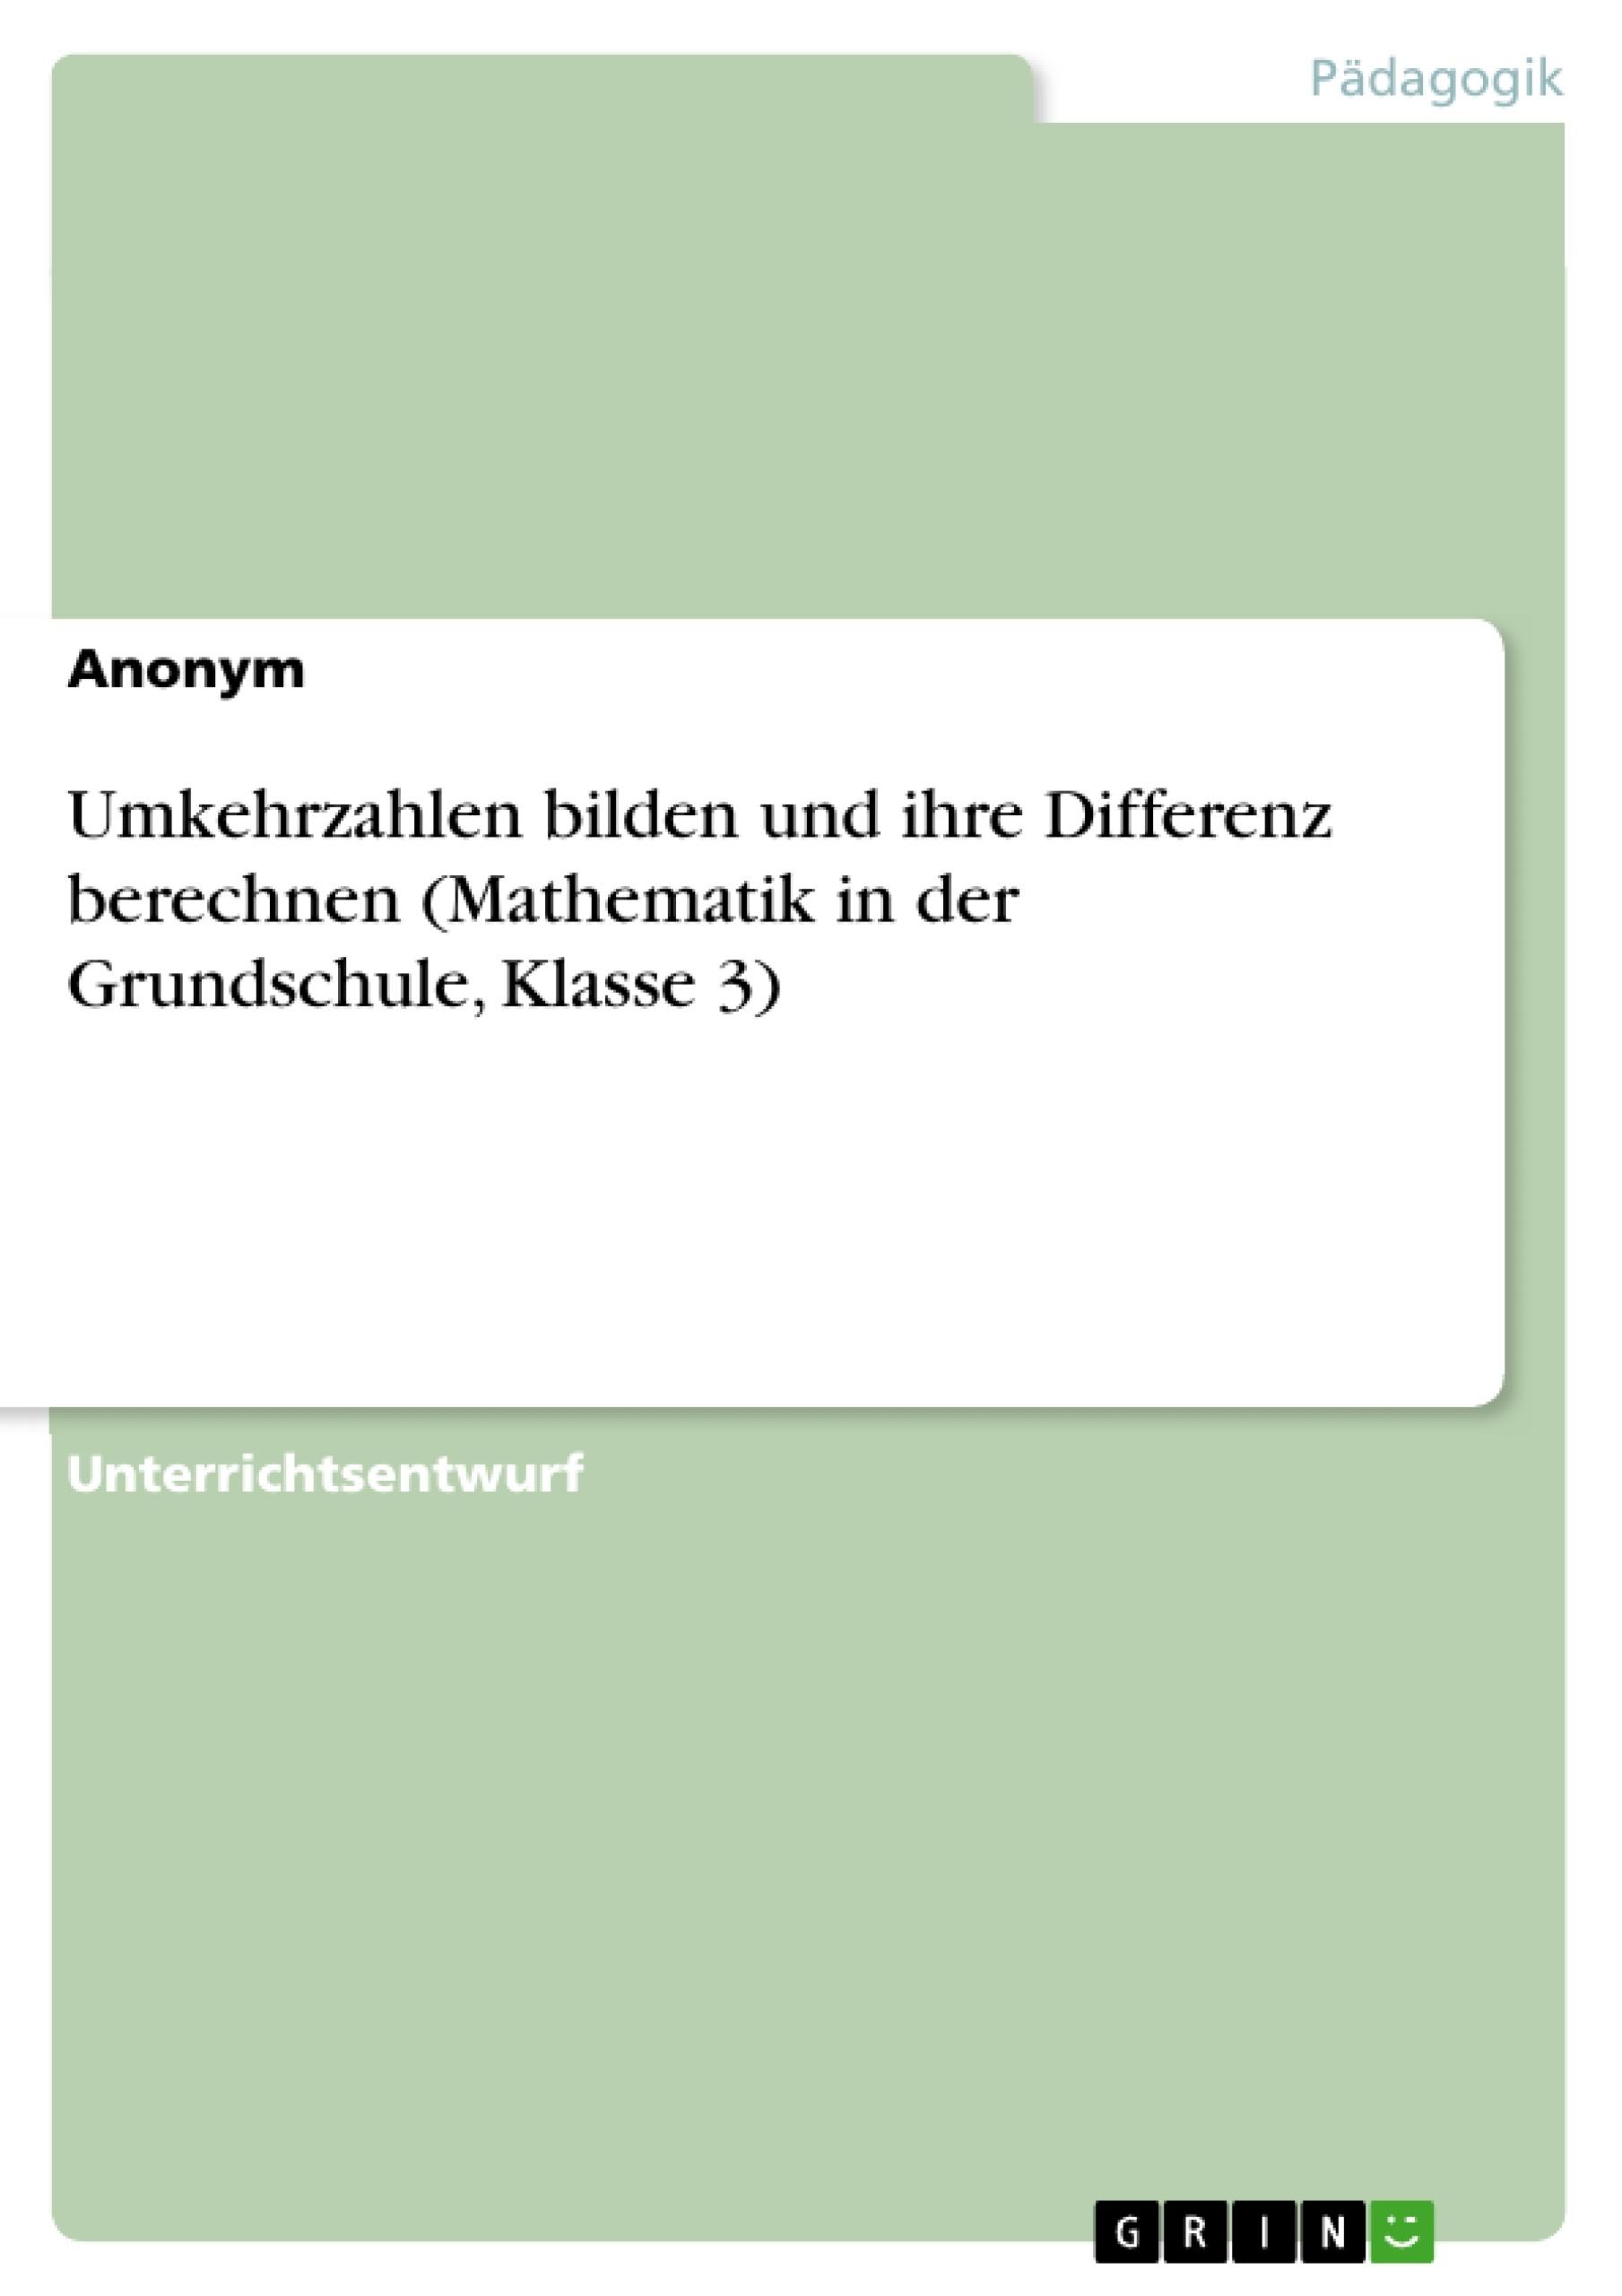 Titel: Umkehrzahlen bilden und ihre Differenz berechnen (Mathematik in der Grundschule, Klasse 3)